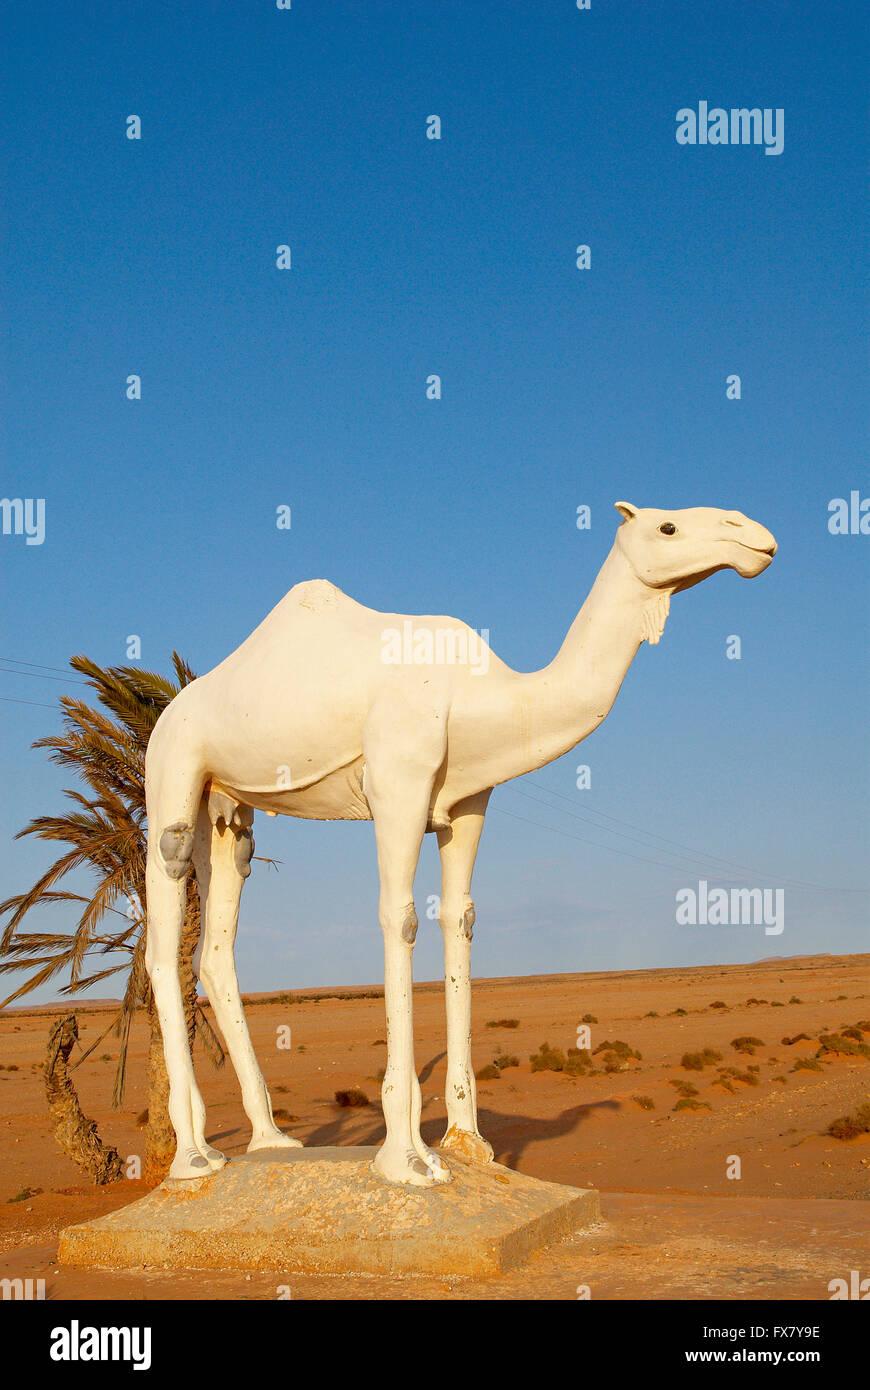 Morocco, Road to Smara. Former Spanish Sahara, dromedary - Stock Image